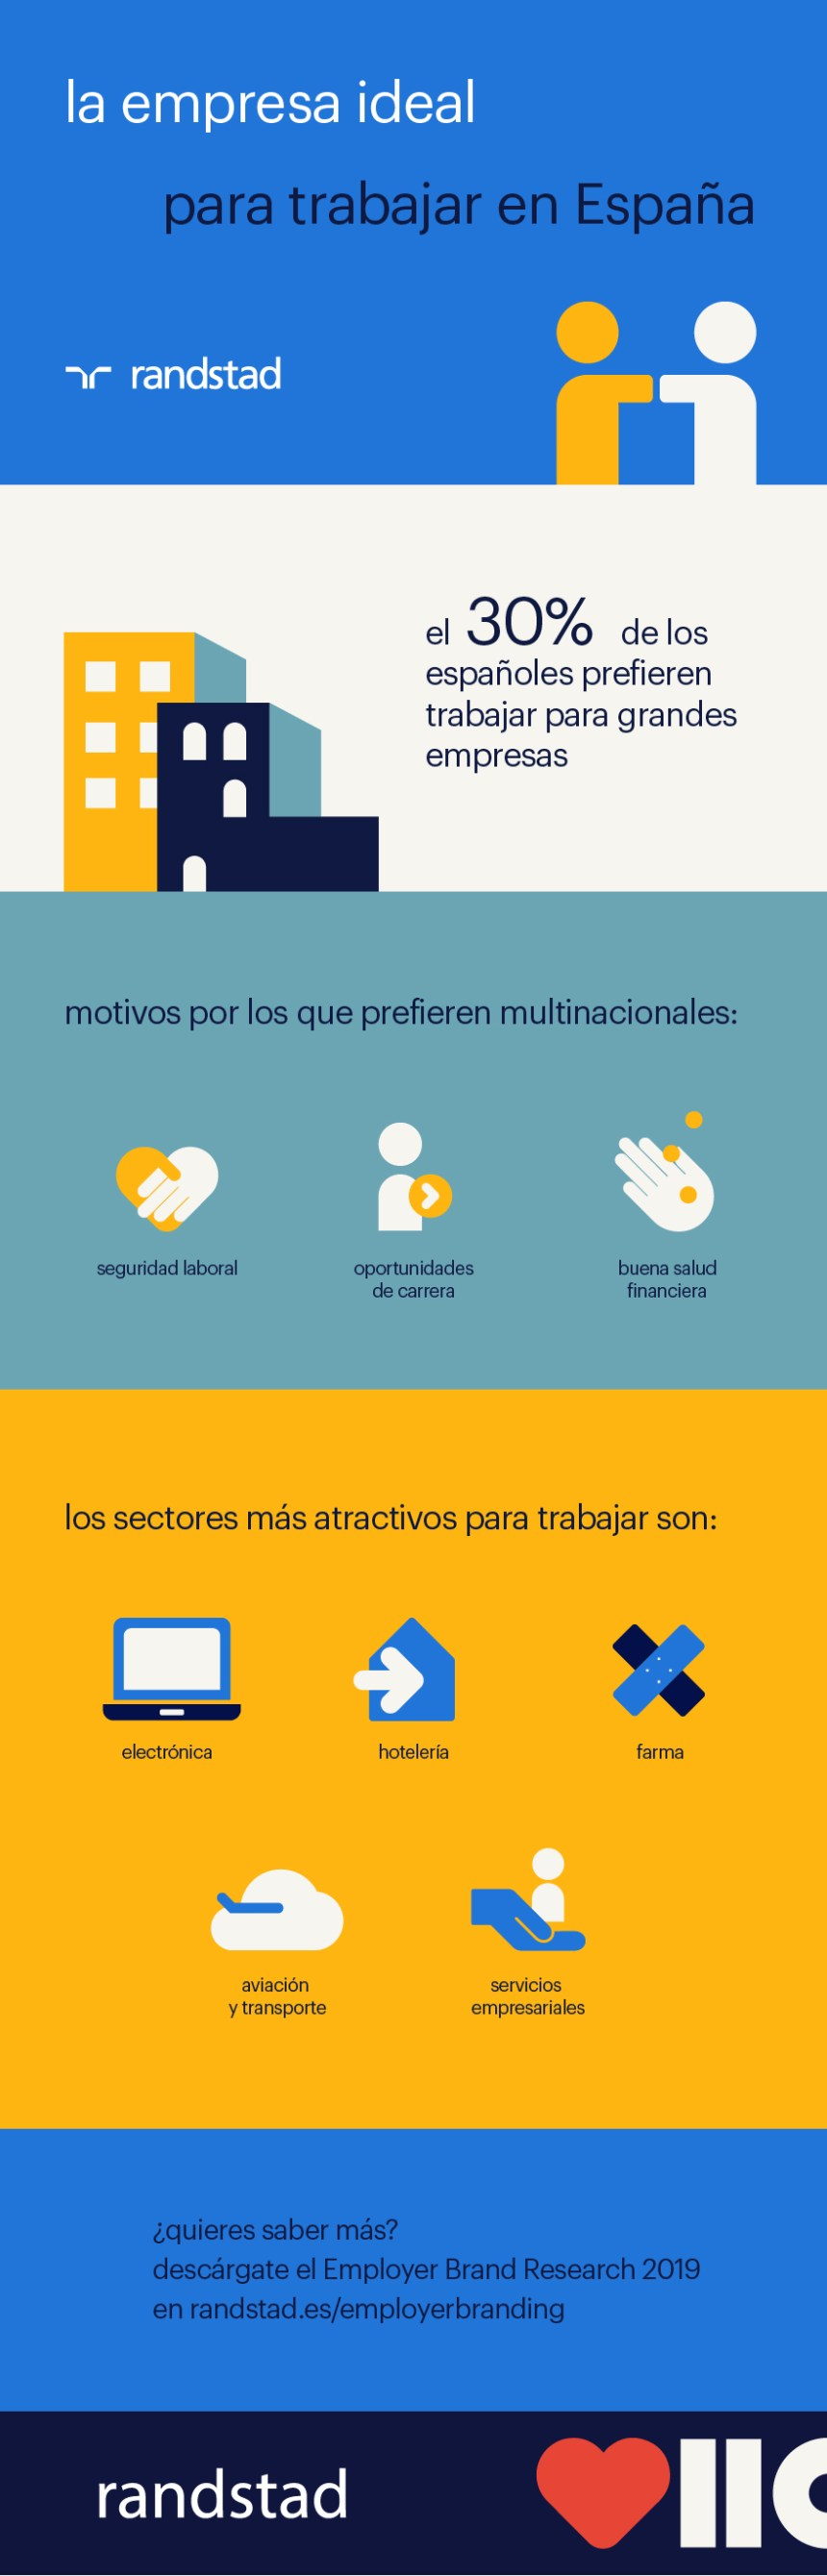 La empresa ideal para trabajar en España